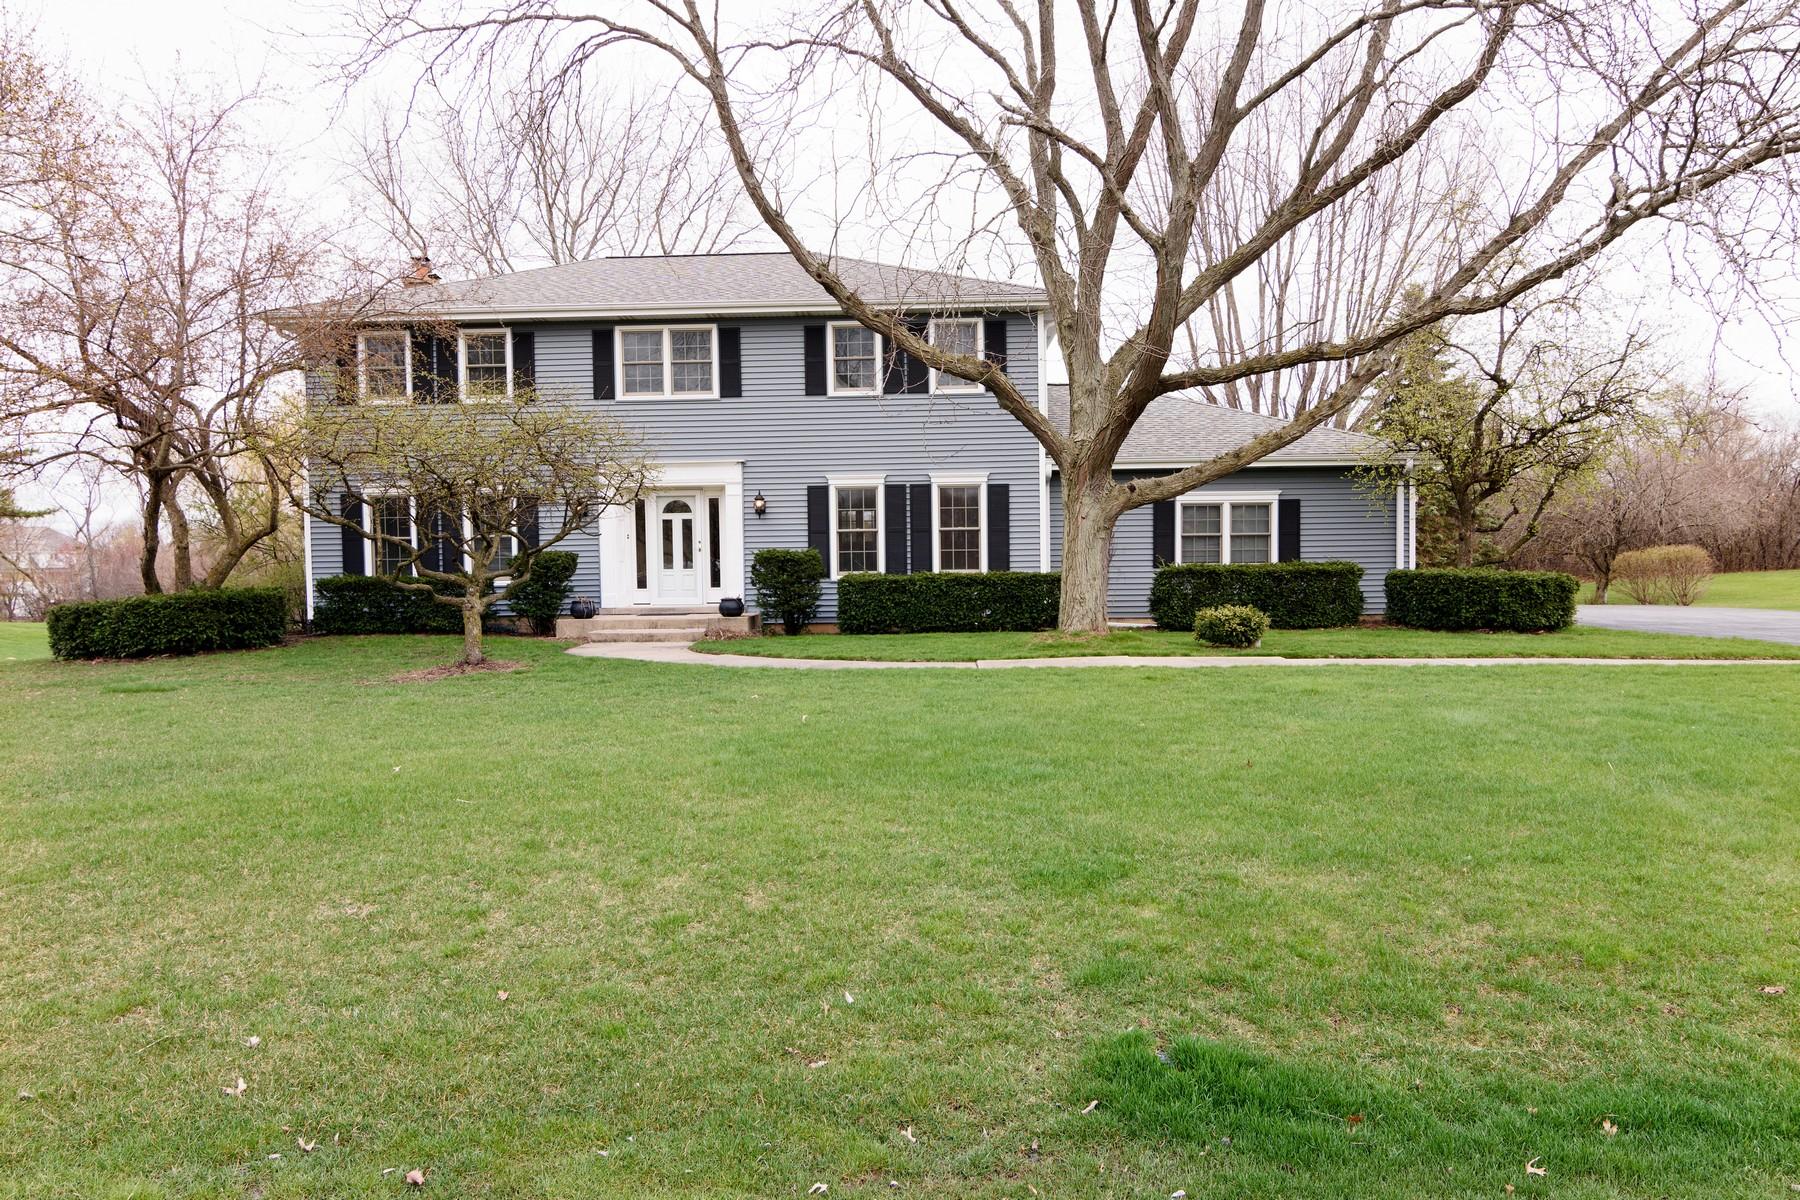 Maison unifamiliale pour l Vente à Inviting Two Story Georgian 20785 N Juniper Lane Barrington, Illinois, 60010 États-Unis